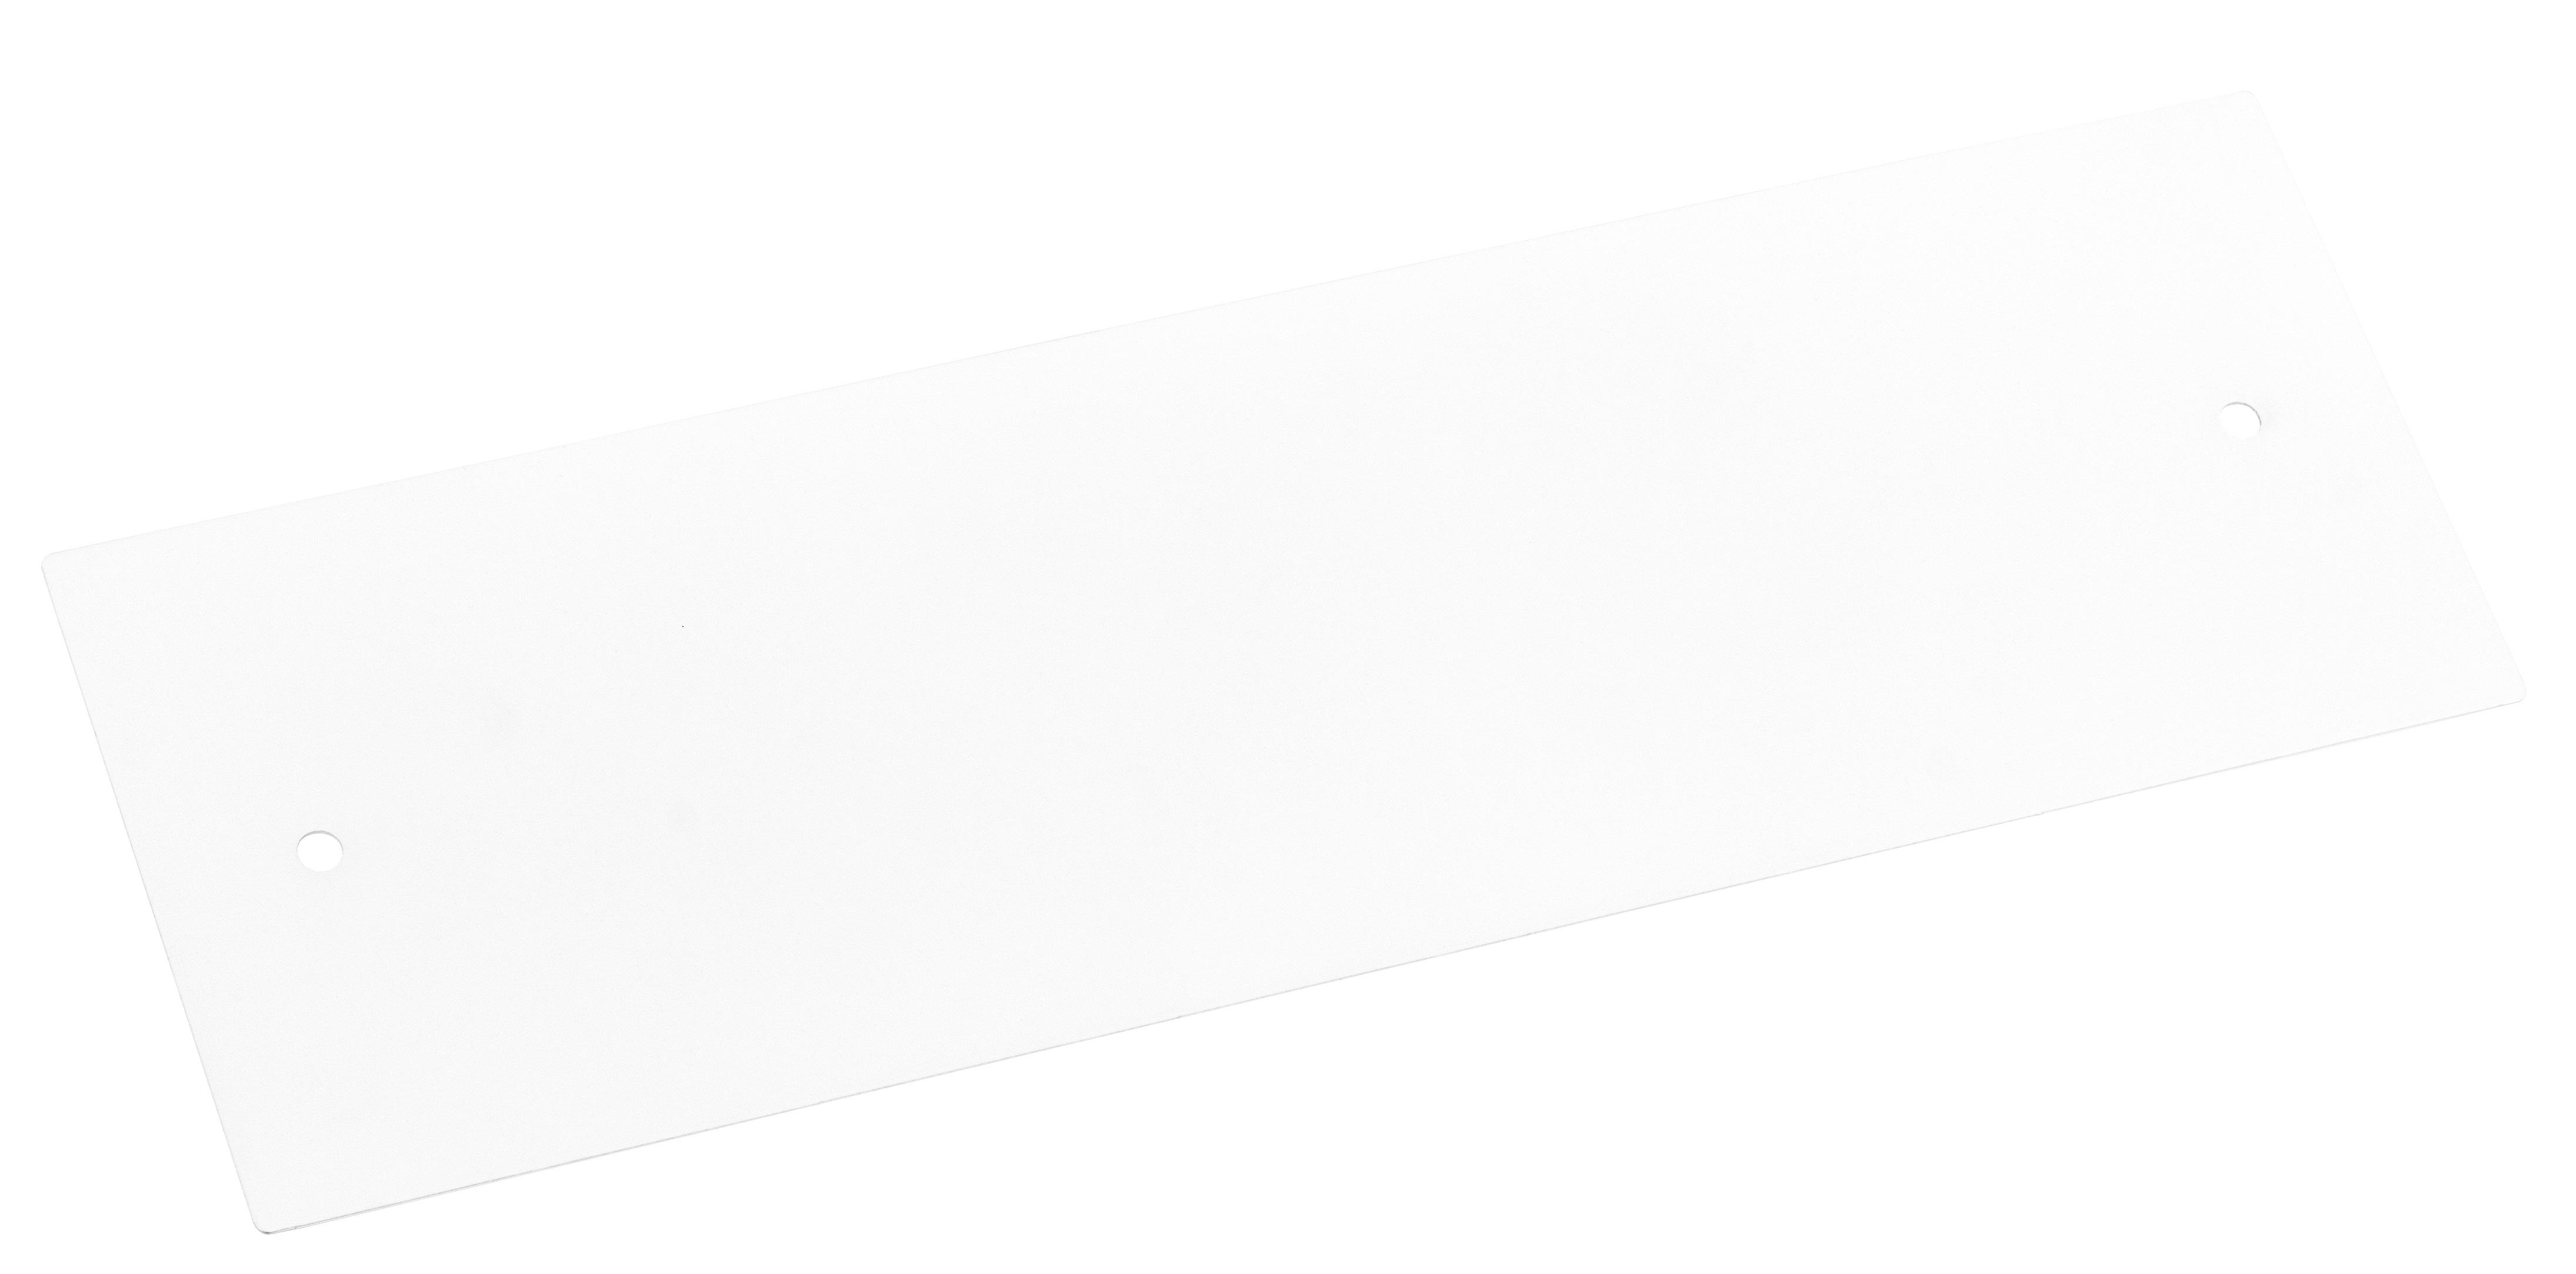 1 Stk Seitenabdeckung (AP-Montage) für DW4Hx2…, H=333mm, RAL7035 DW4HZCS2--